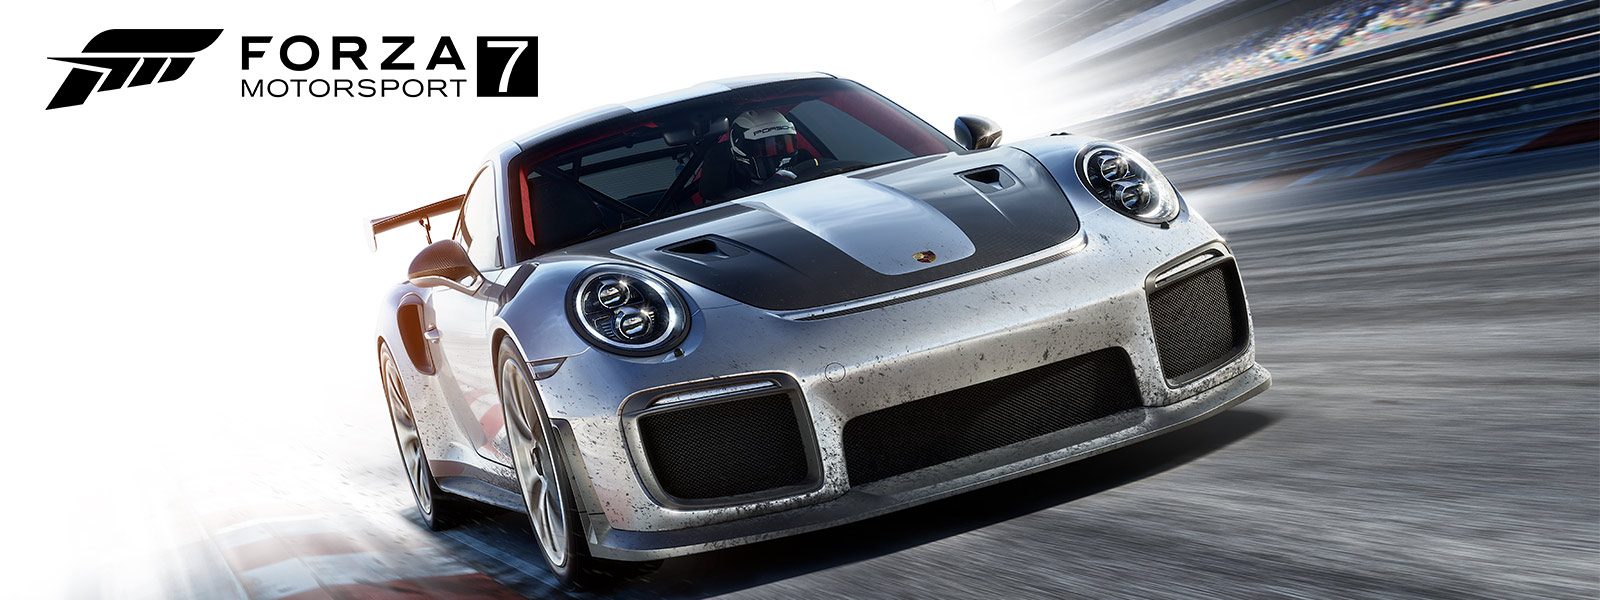 Spillskjerm for Forza Motorsport 7